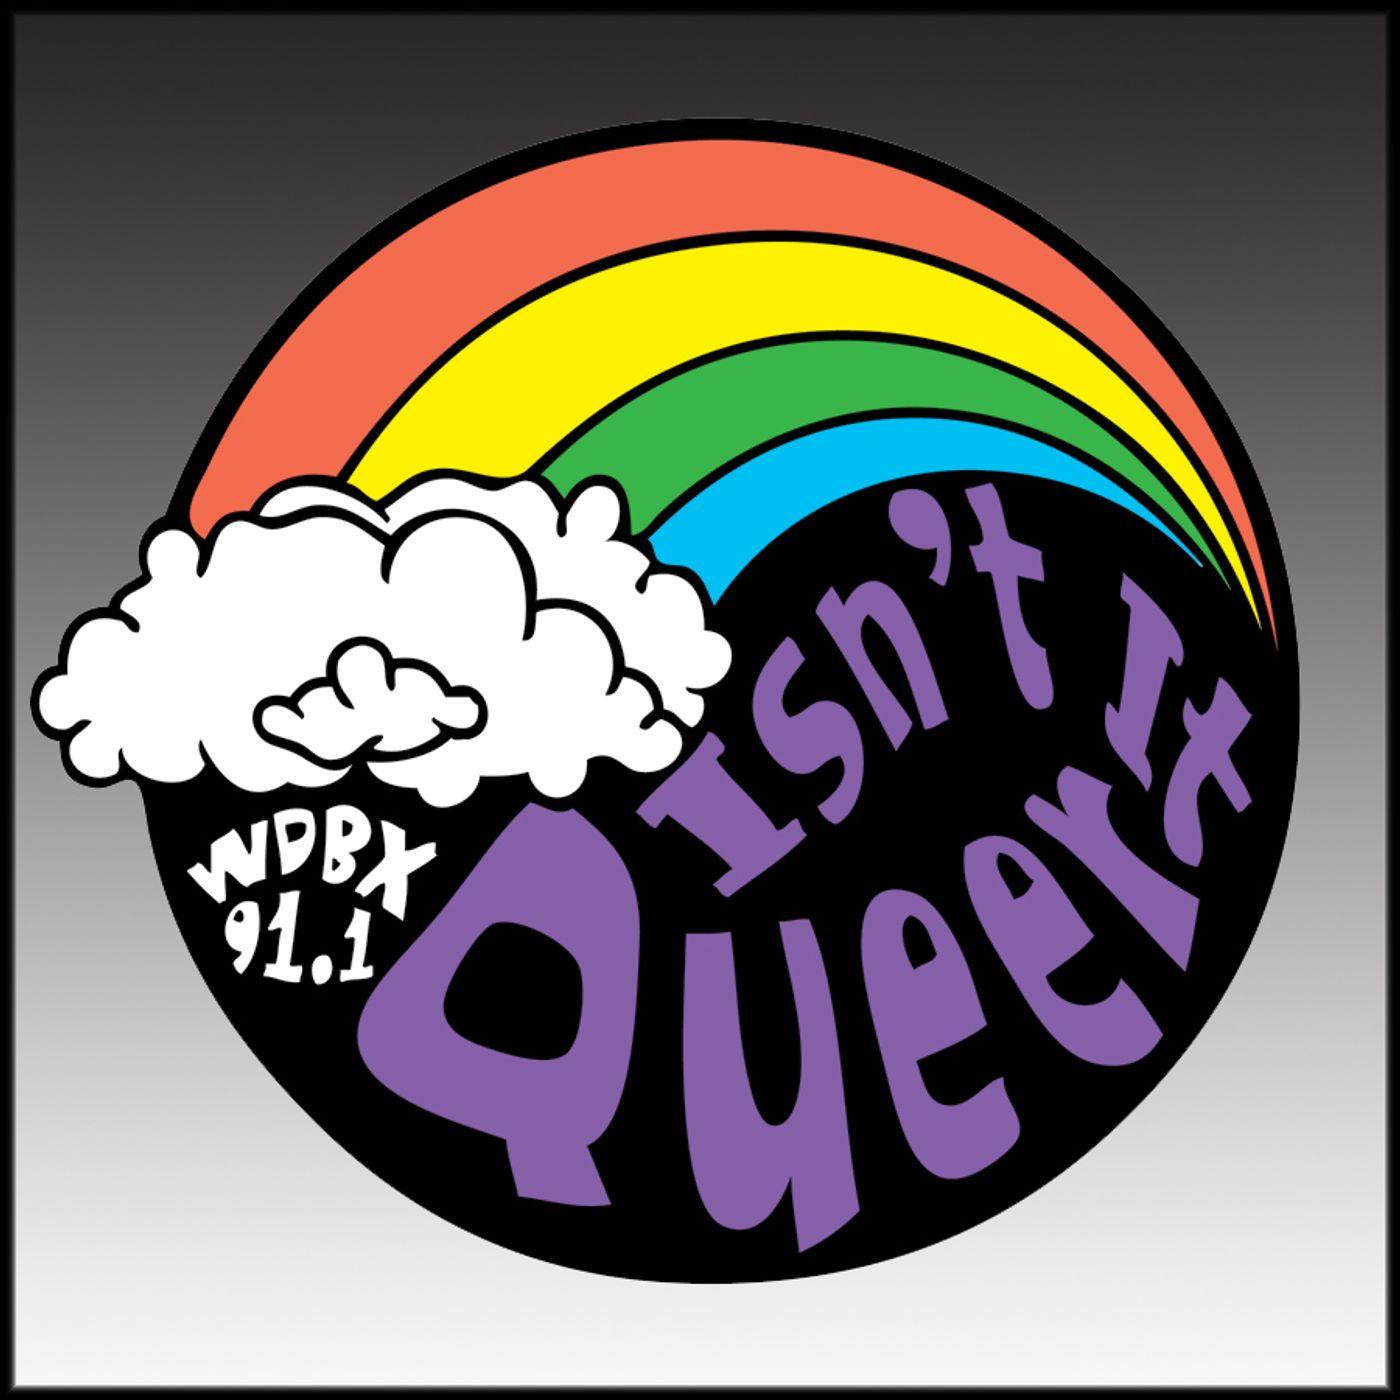 The Isn't It Queer